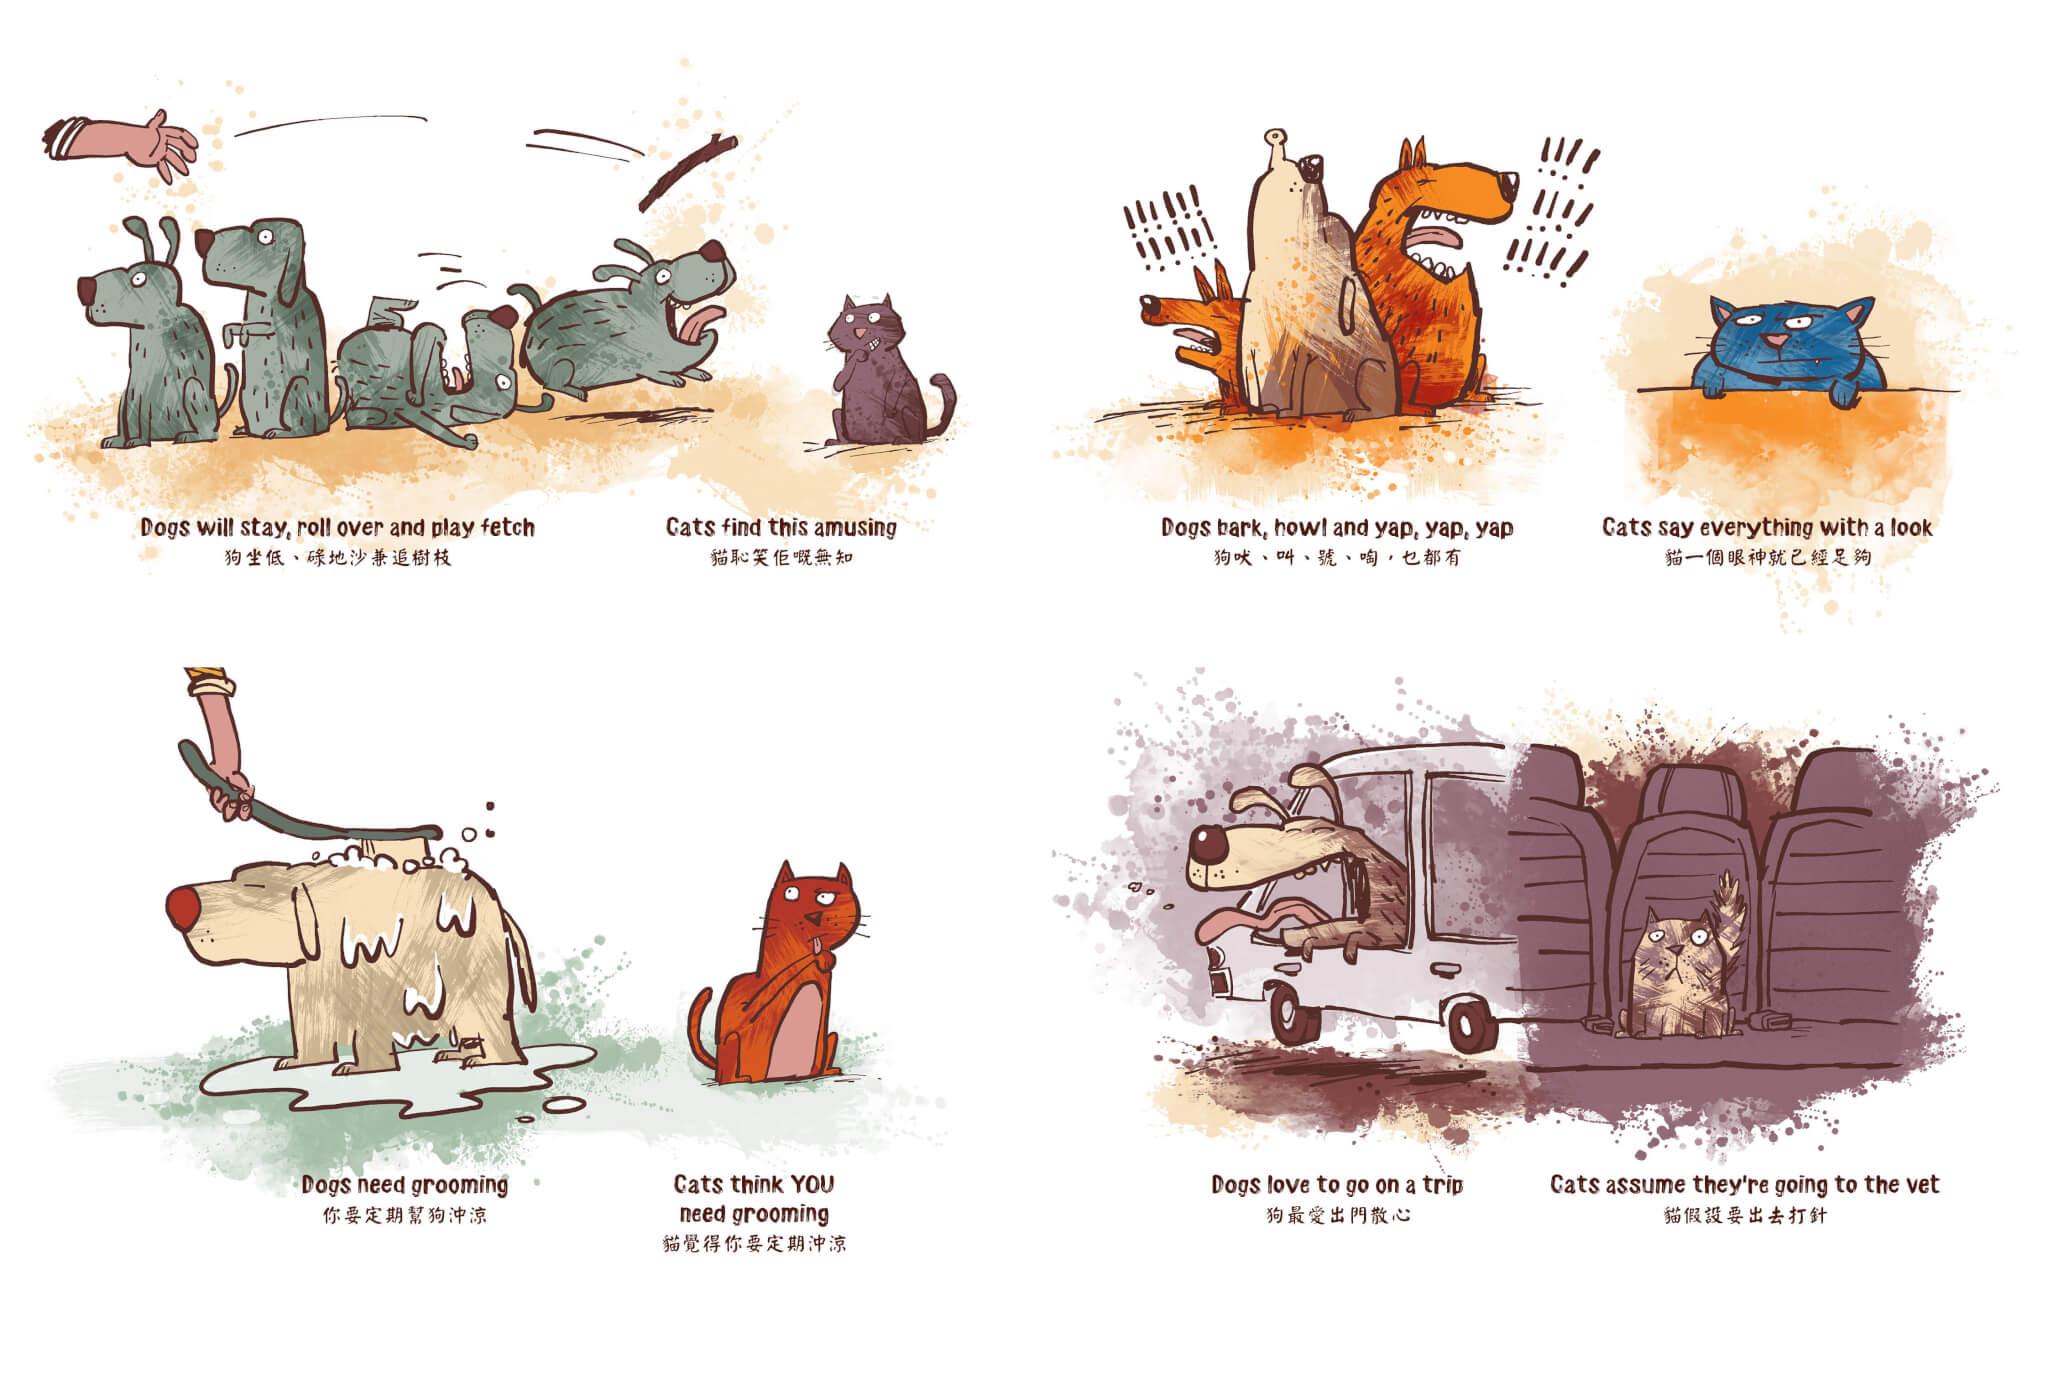 書中還包括有關貓的有趣資料,如貓狗大比對